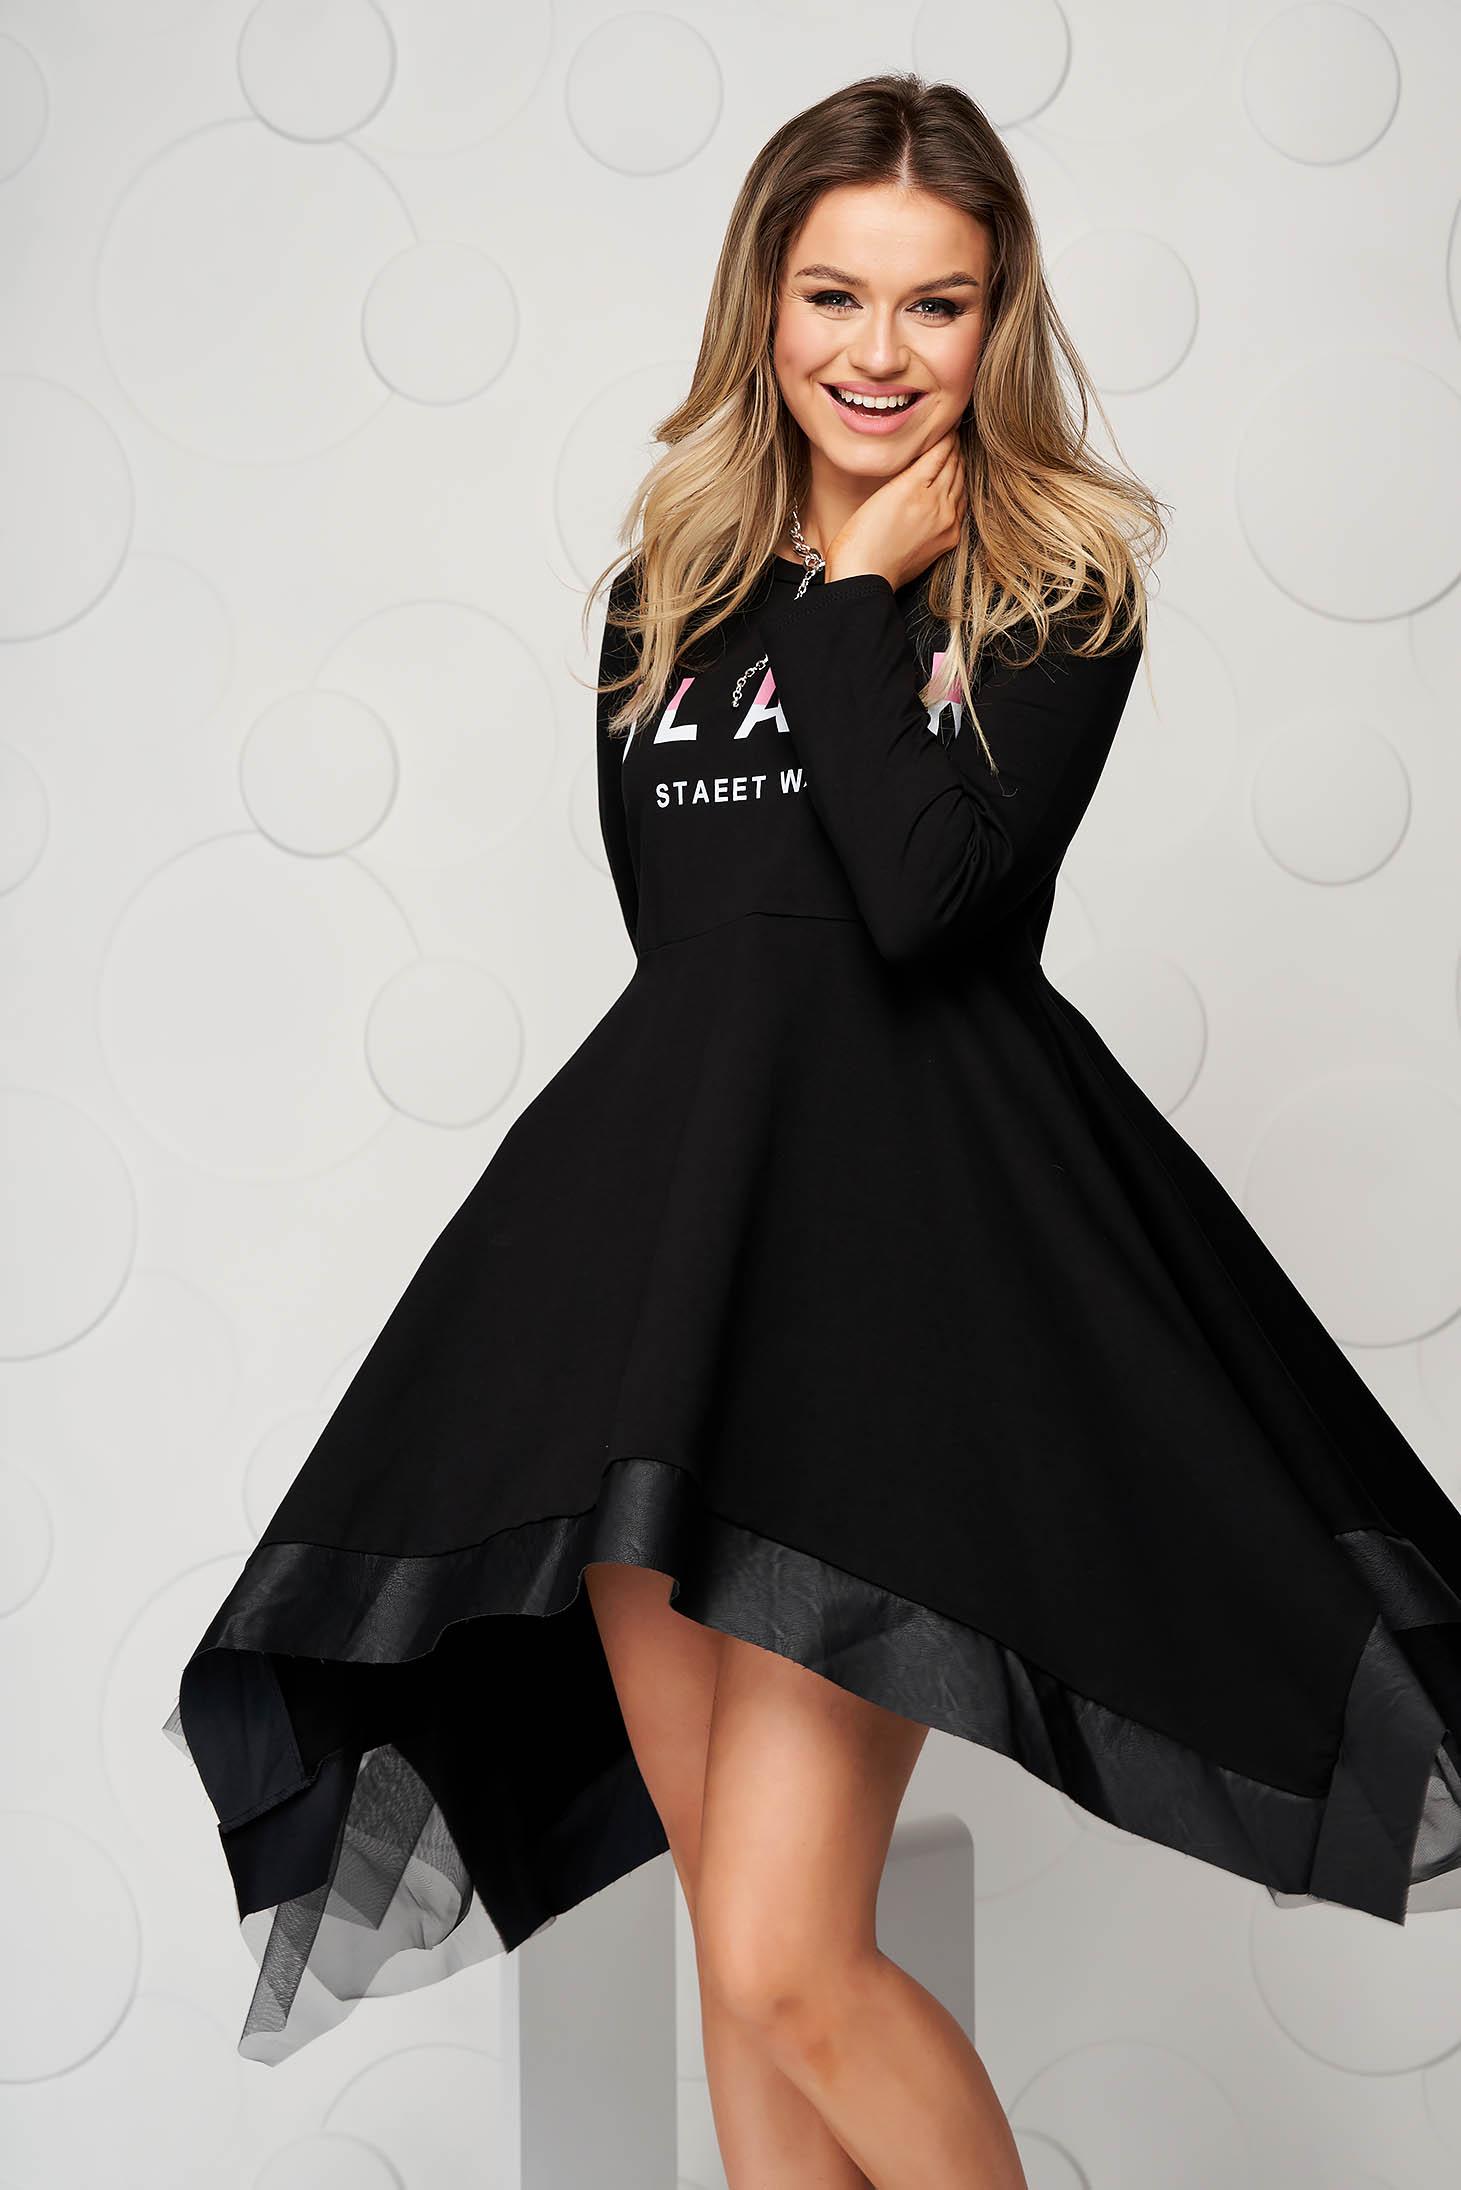 Rochie neagra scurta asimetrica cu maneci lungi si aplicatii de tul